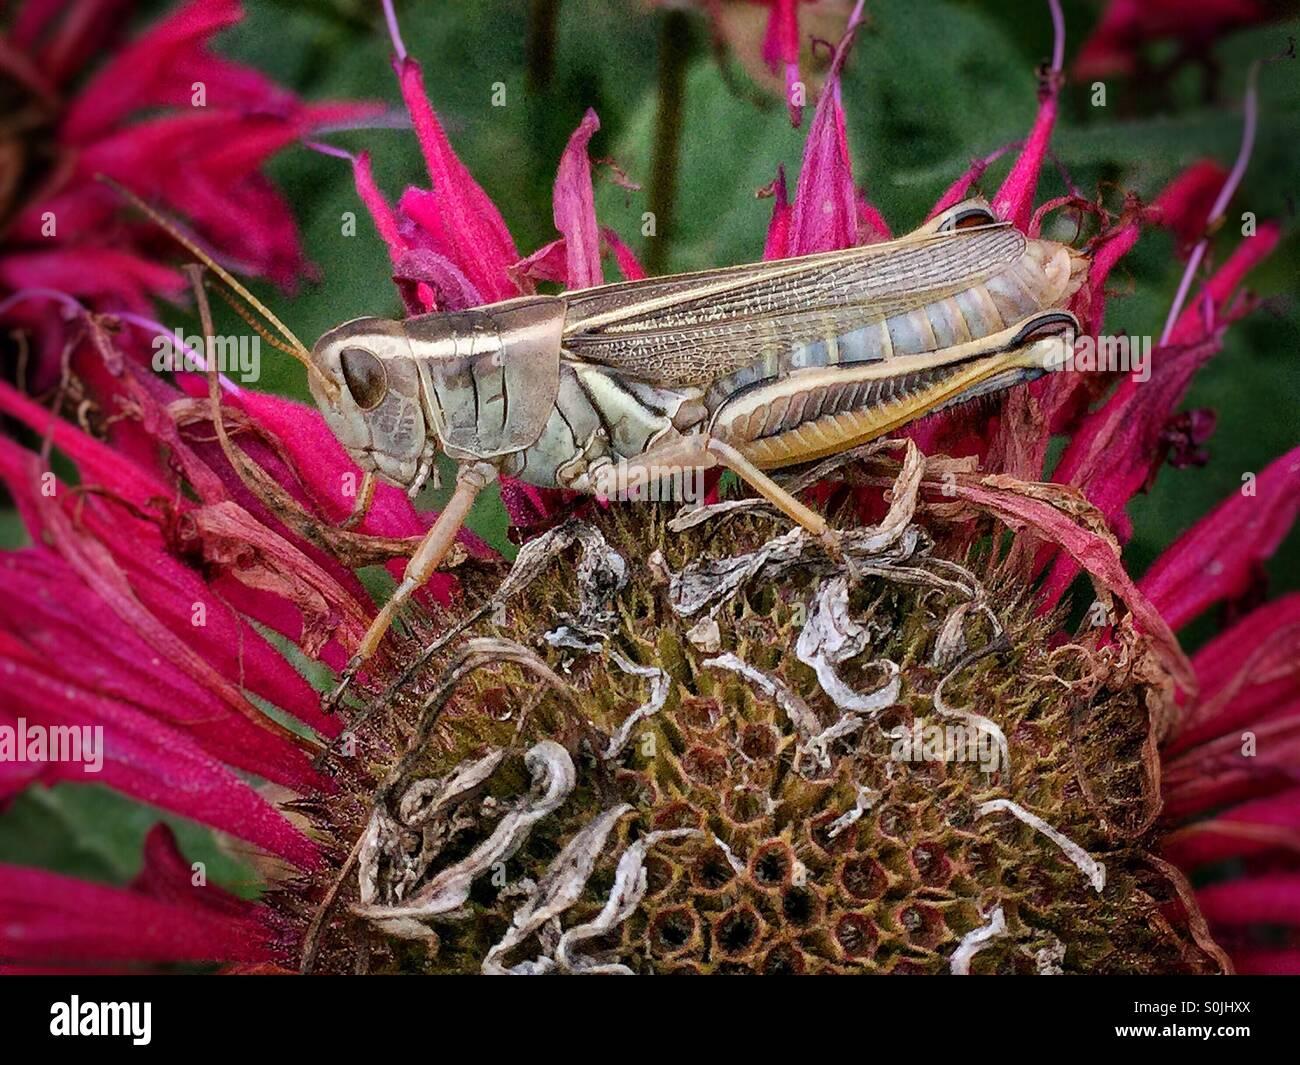 Grasshopper on fading monarda flower in backyard garden. - Stock Image